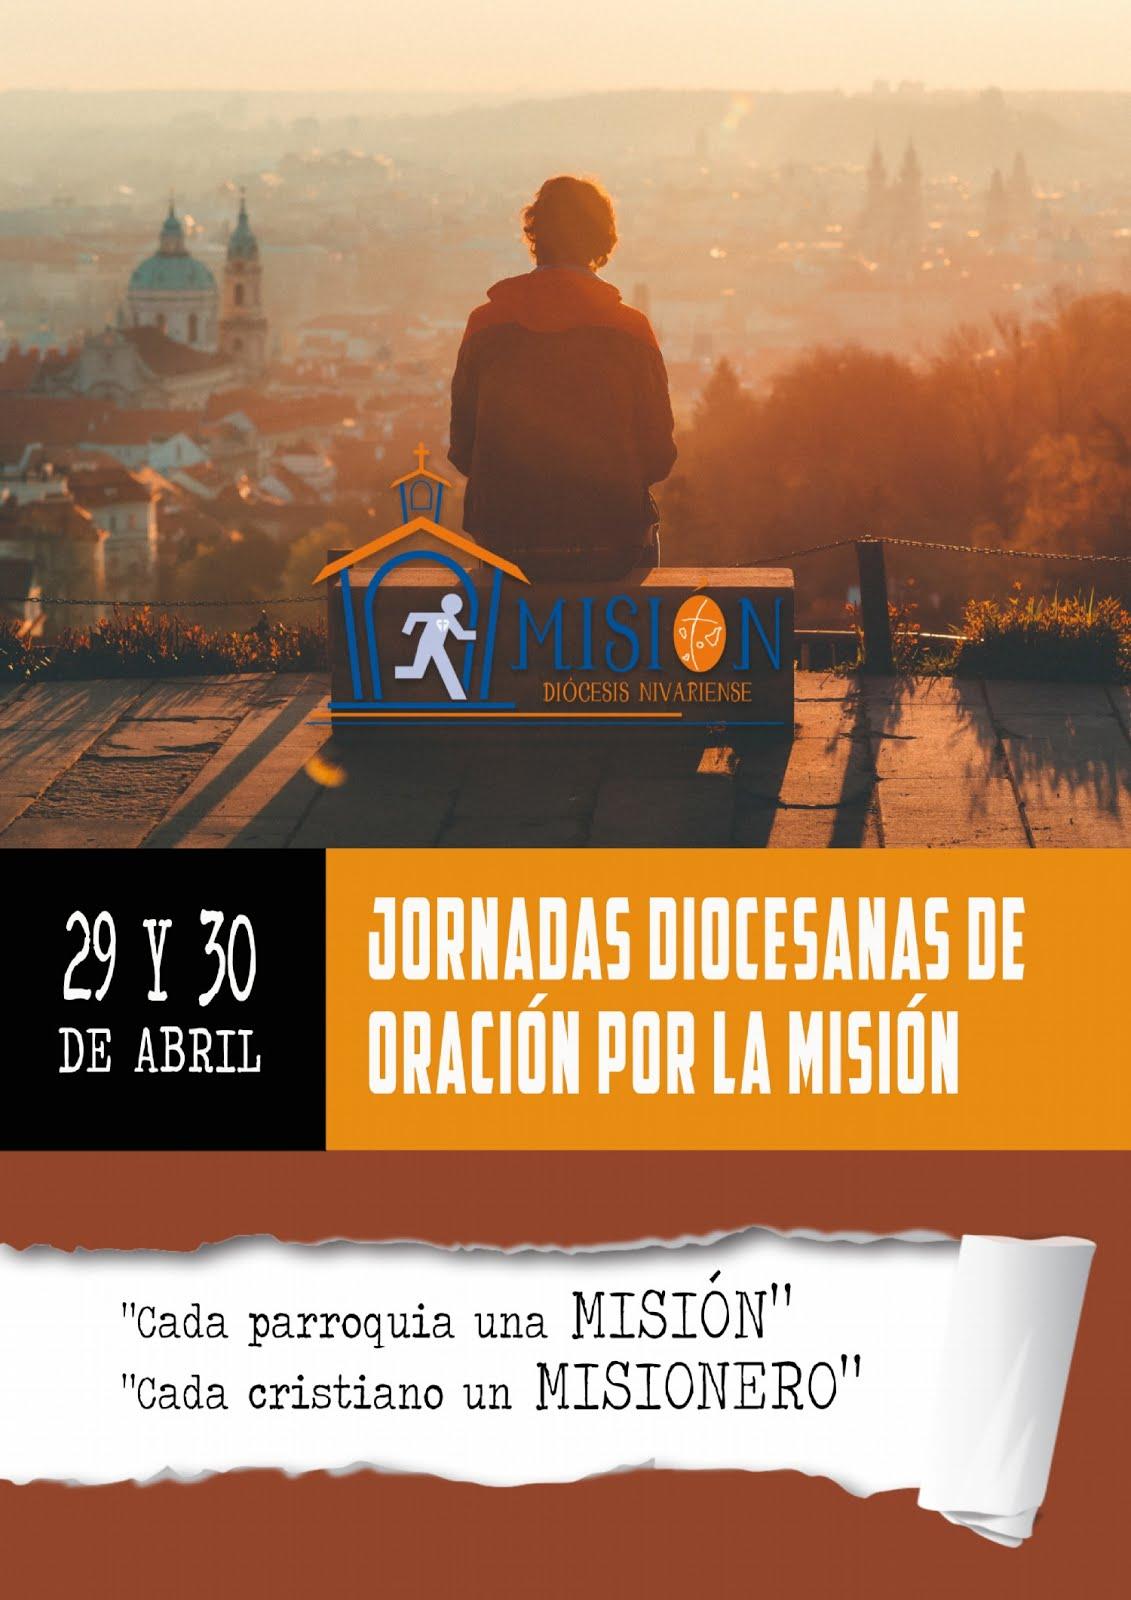 Jornadas Diocesanas de Oración por la Misión